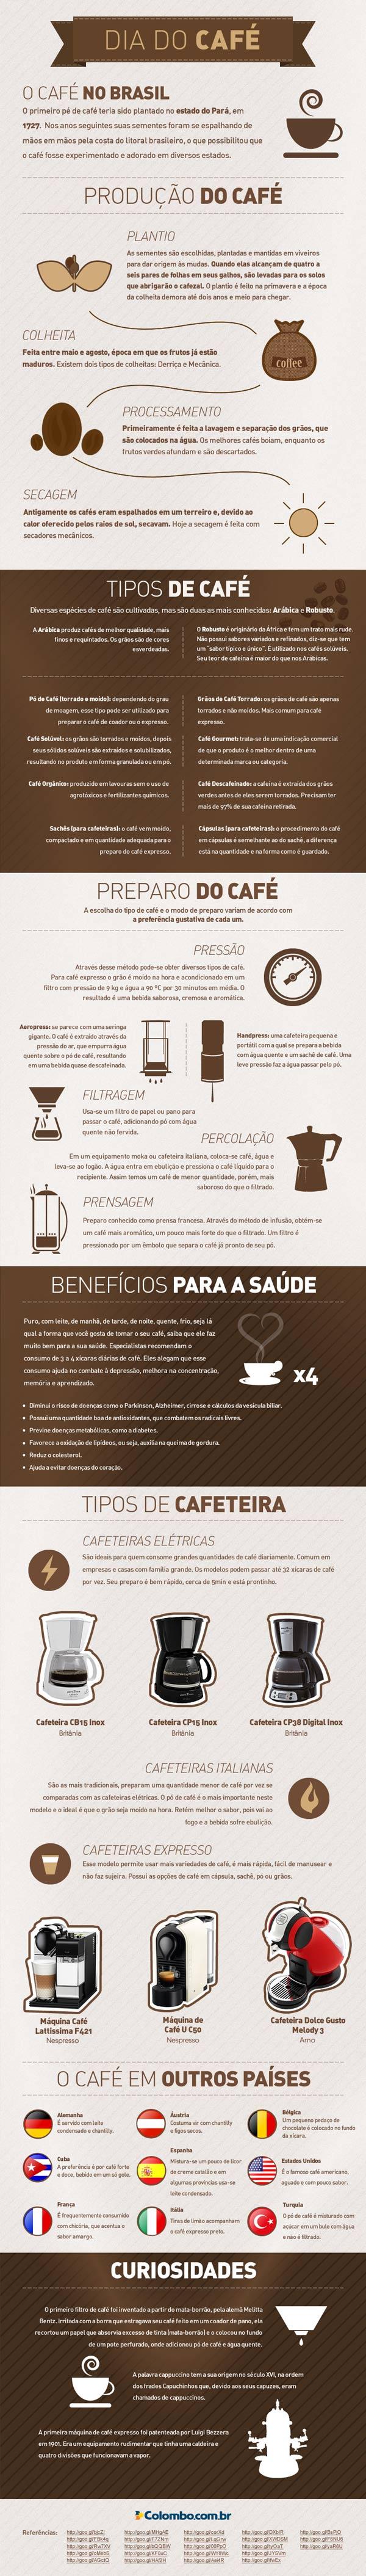 info-cafe2